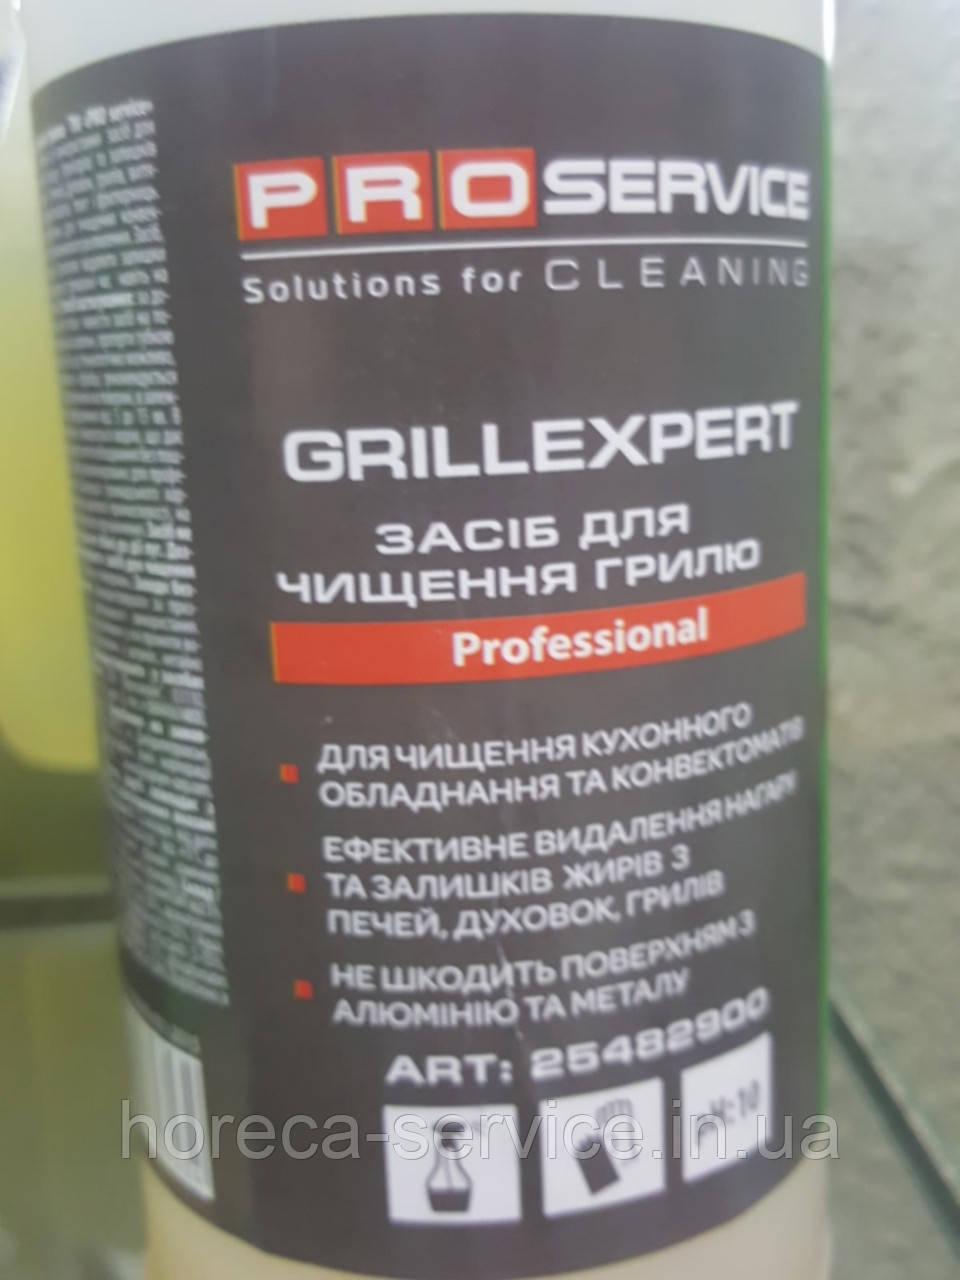 Средство чистки для гриля Pro-service GRILLEXPERT 1 л распылитель